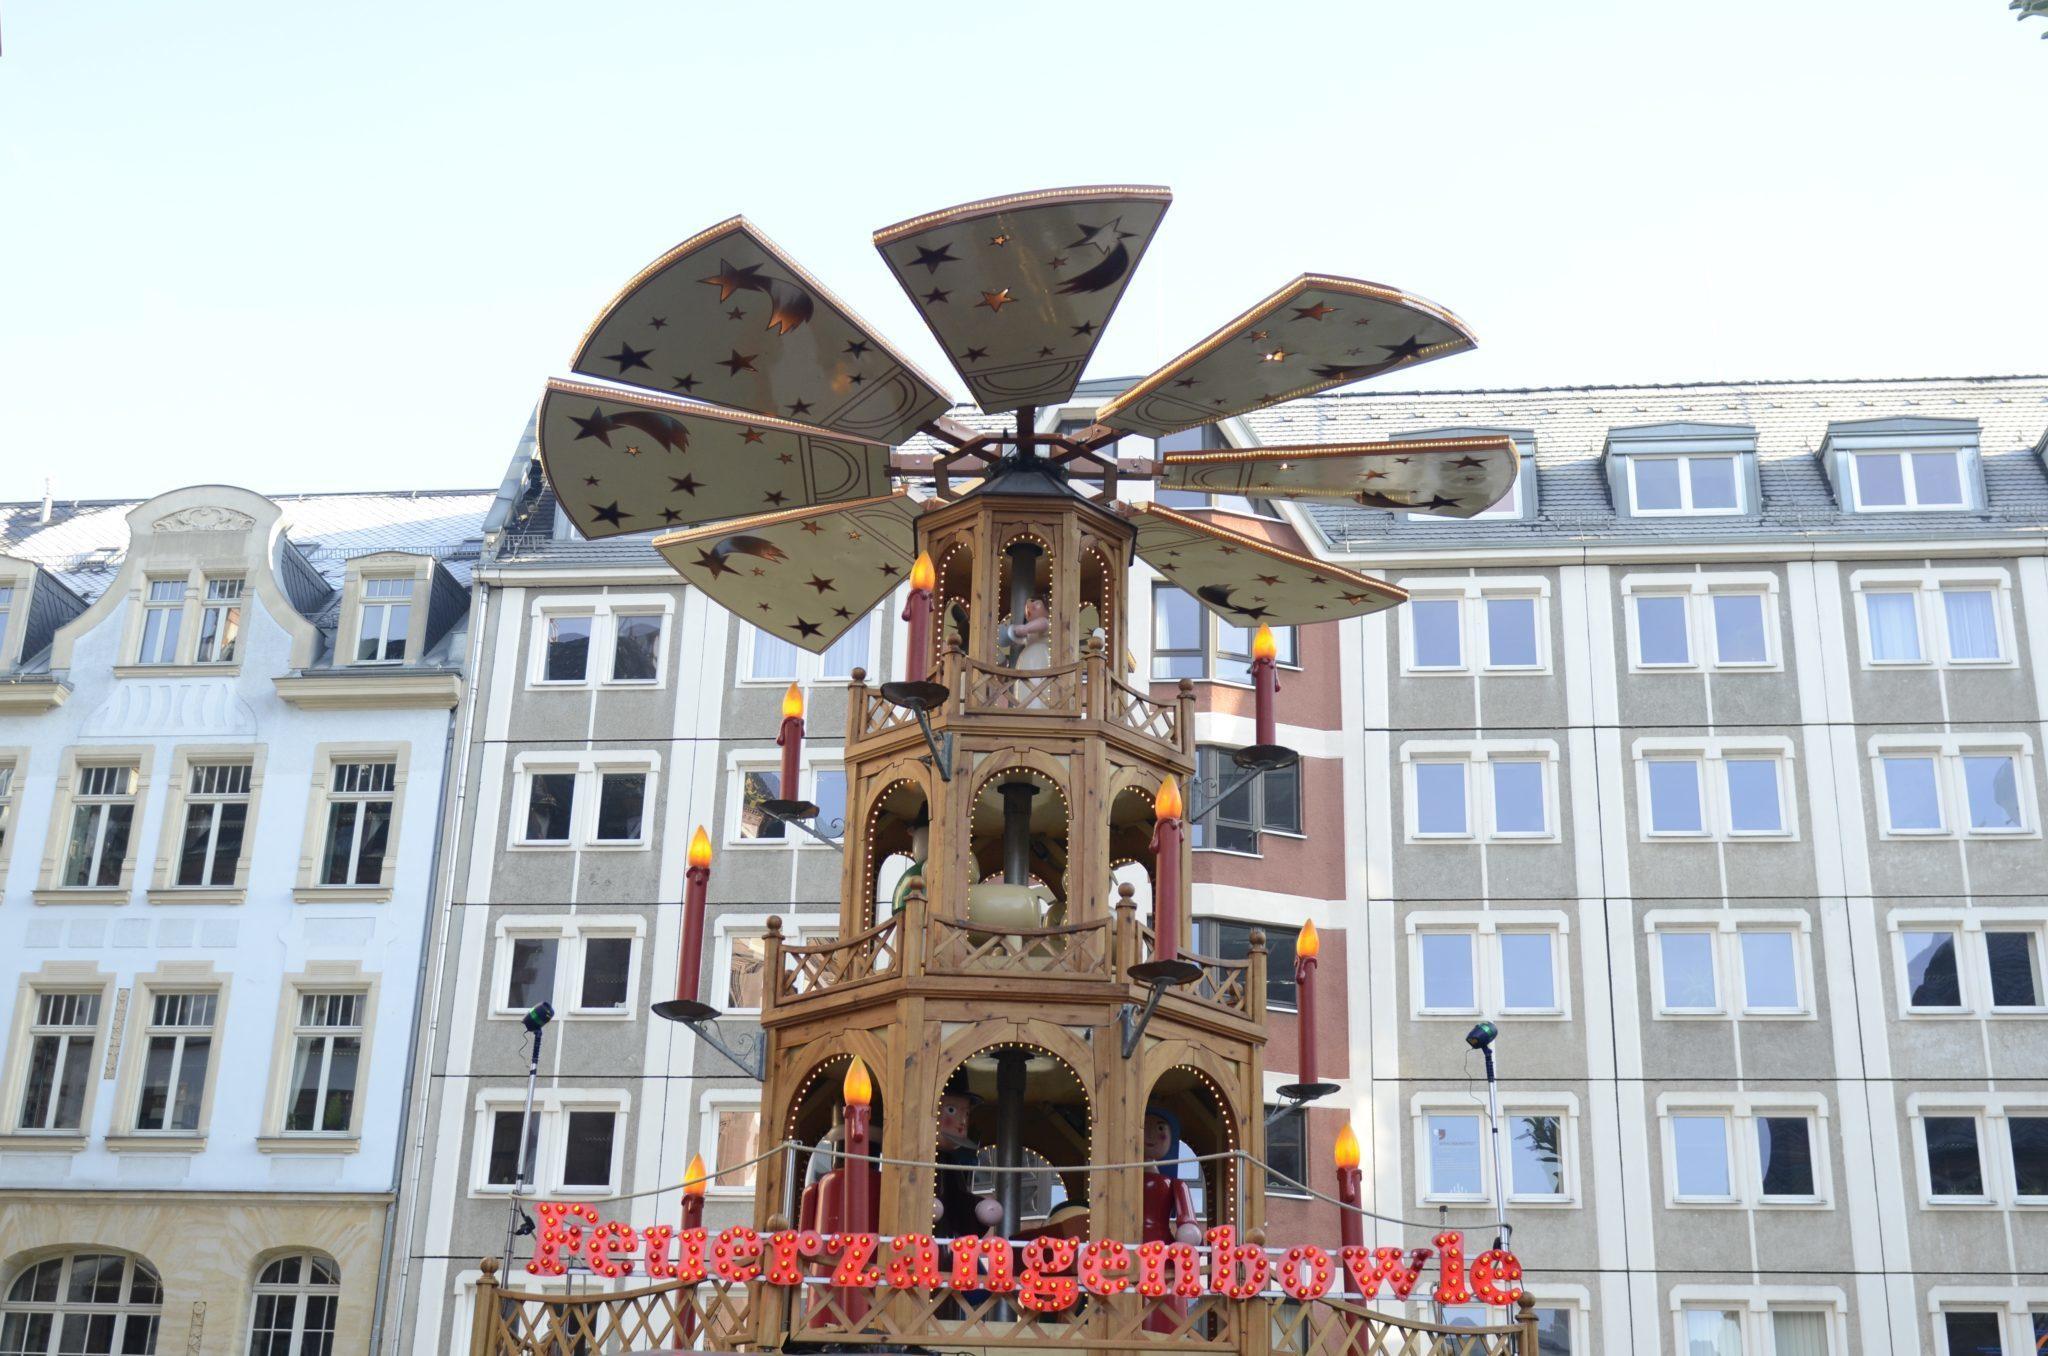 Leipzig - Christmas pyramid